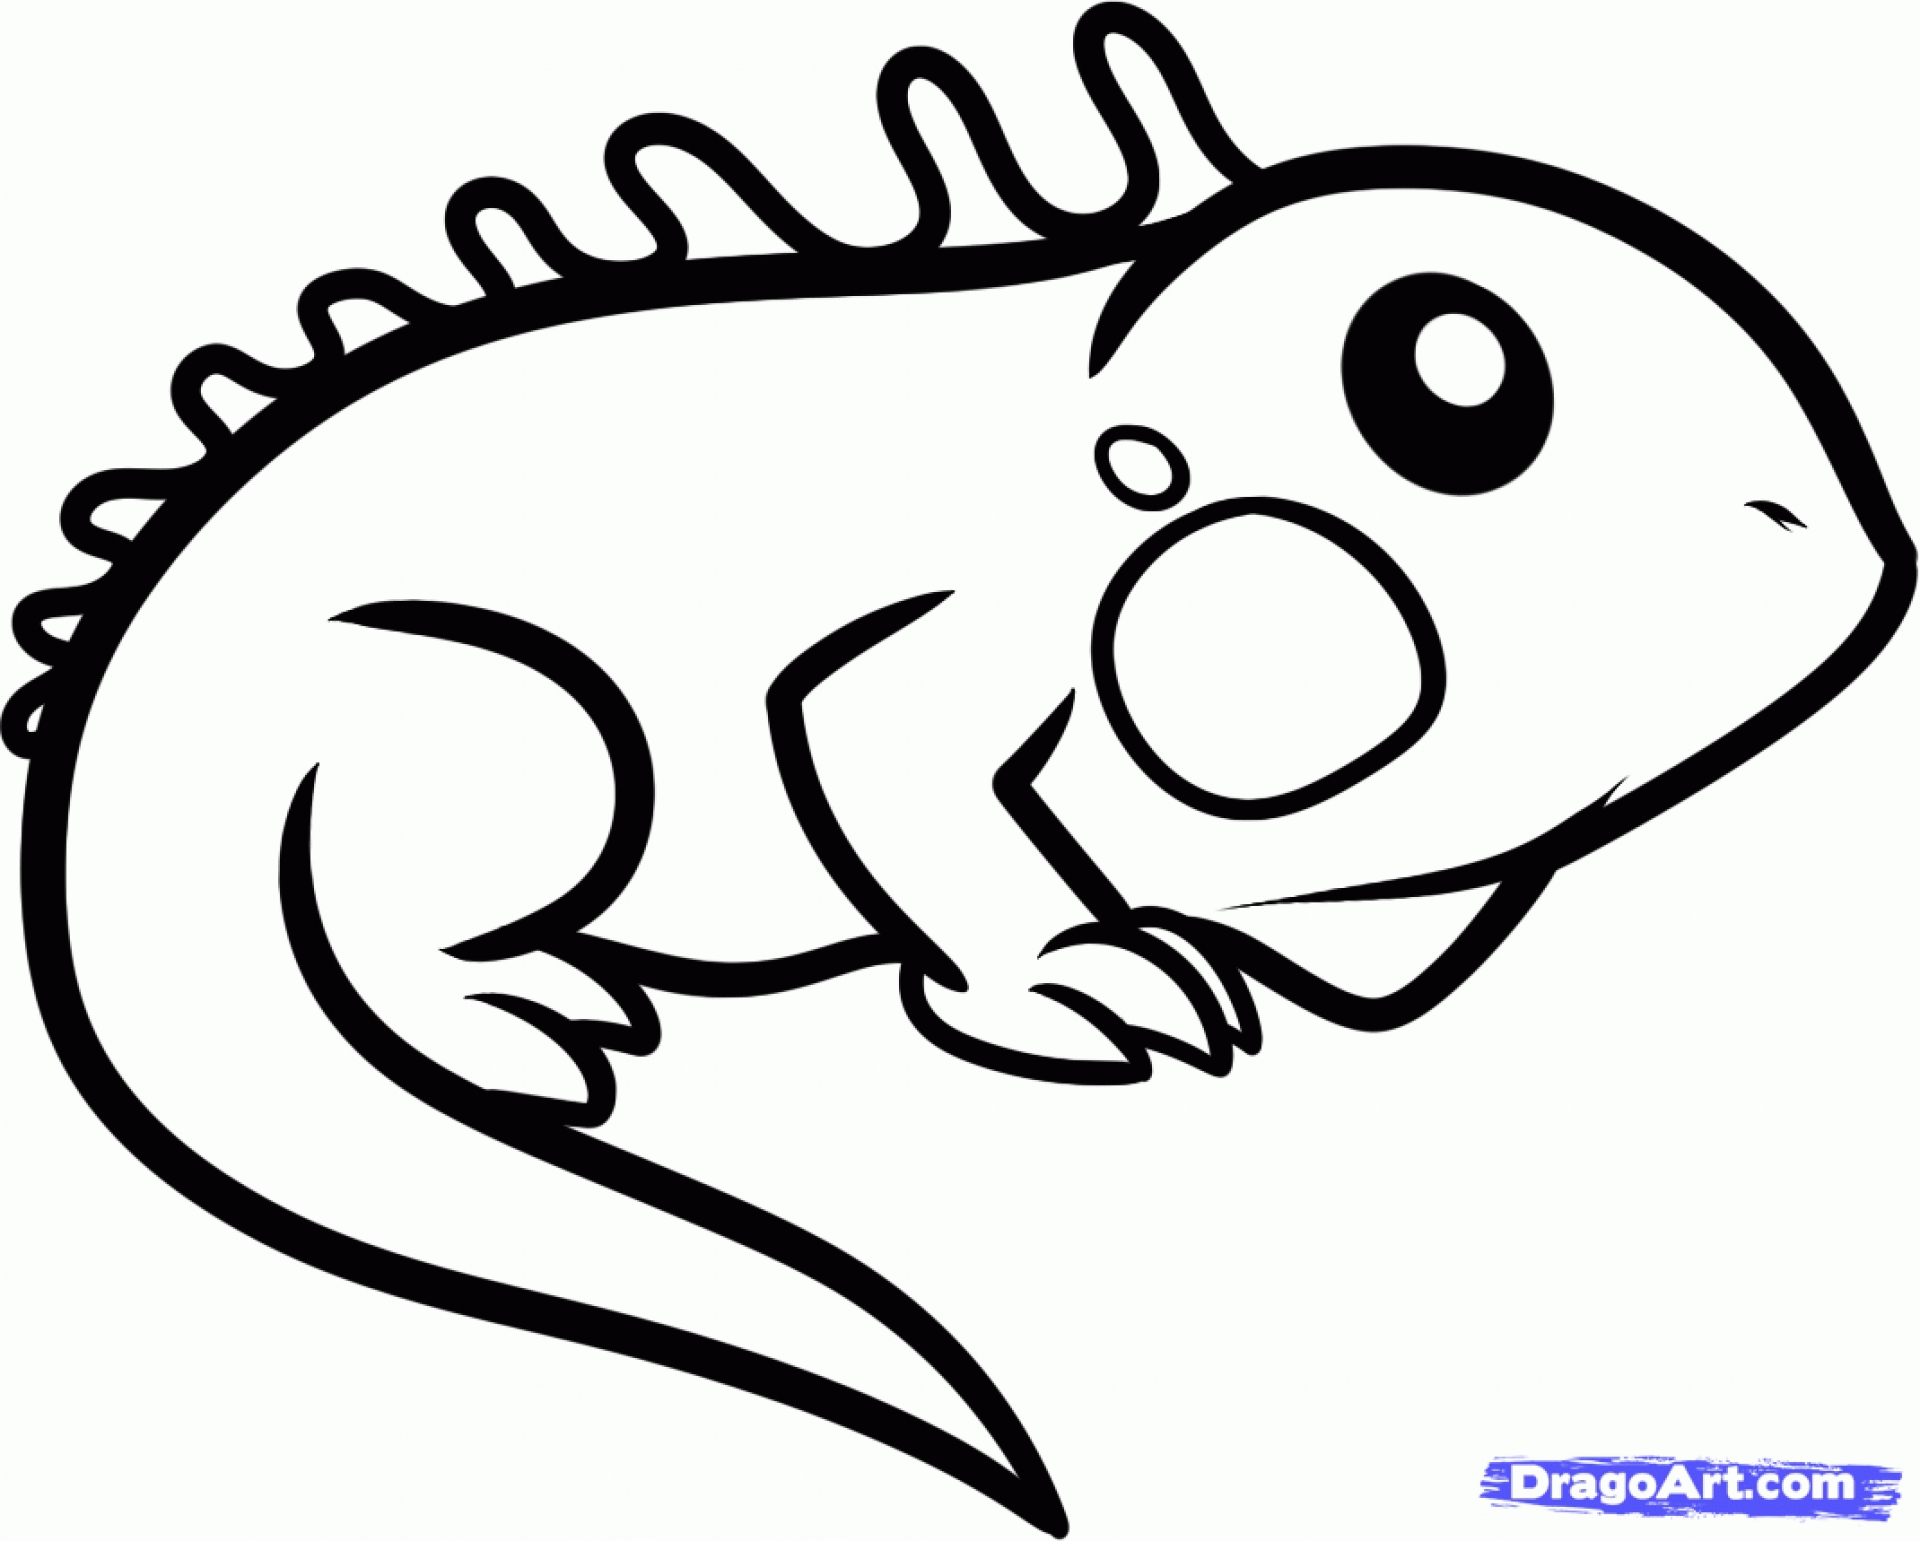 1920x1541 Cute Cartoon Animals Drawings Cartoon Animal Drawings Free